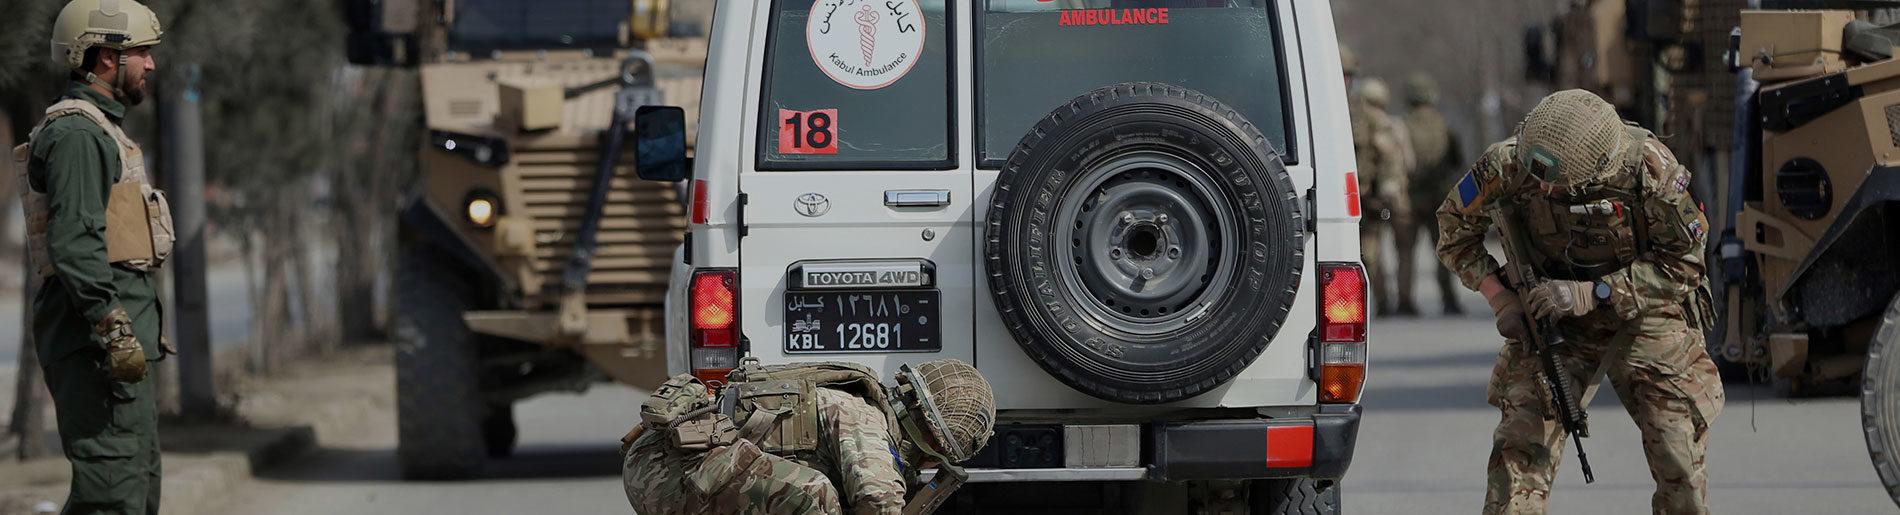 Britische Soldaten untersuchen einen Krankenwagen in Kabul